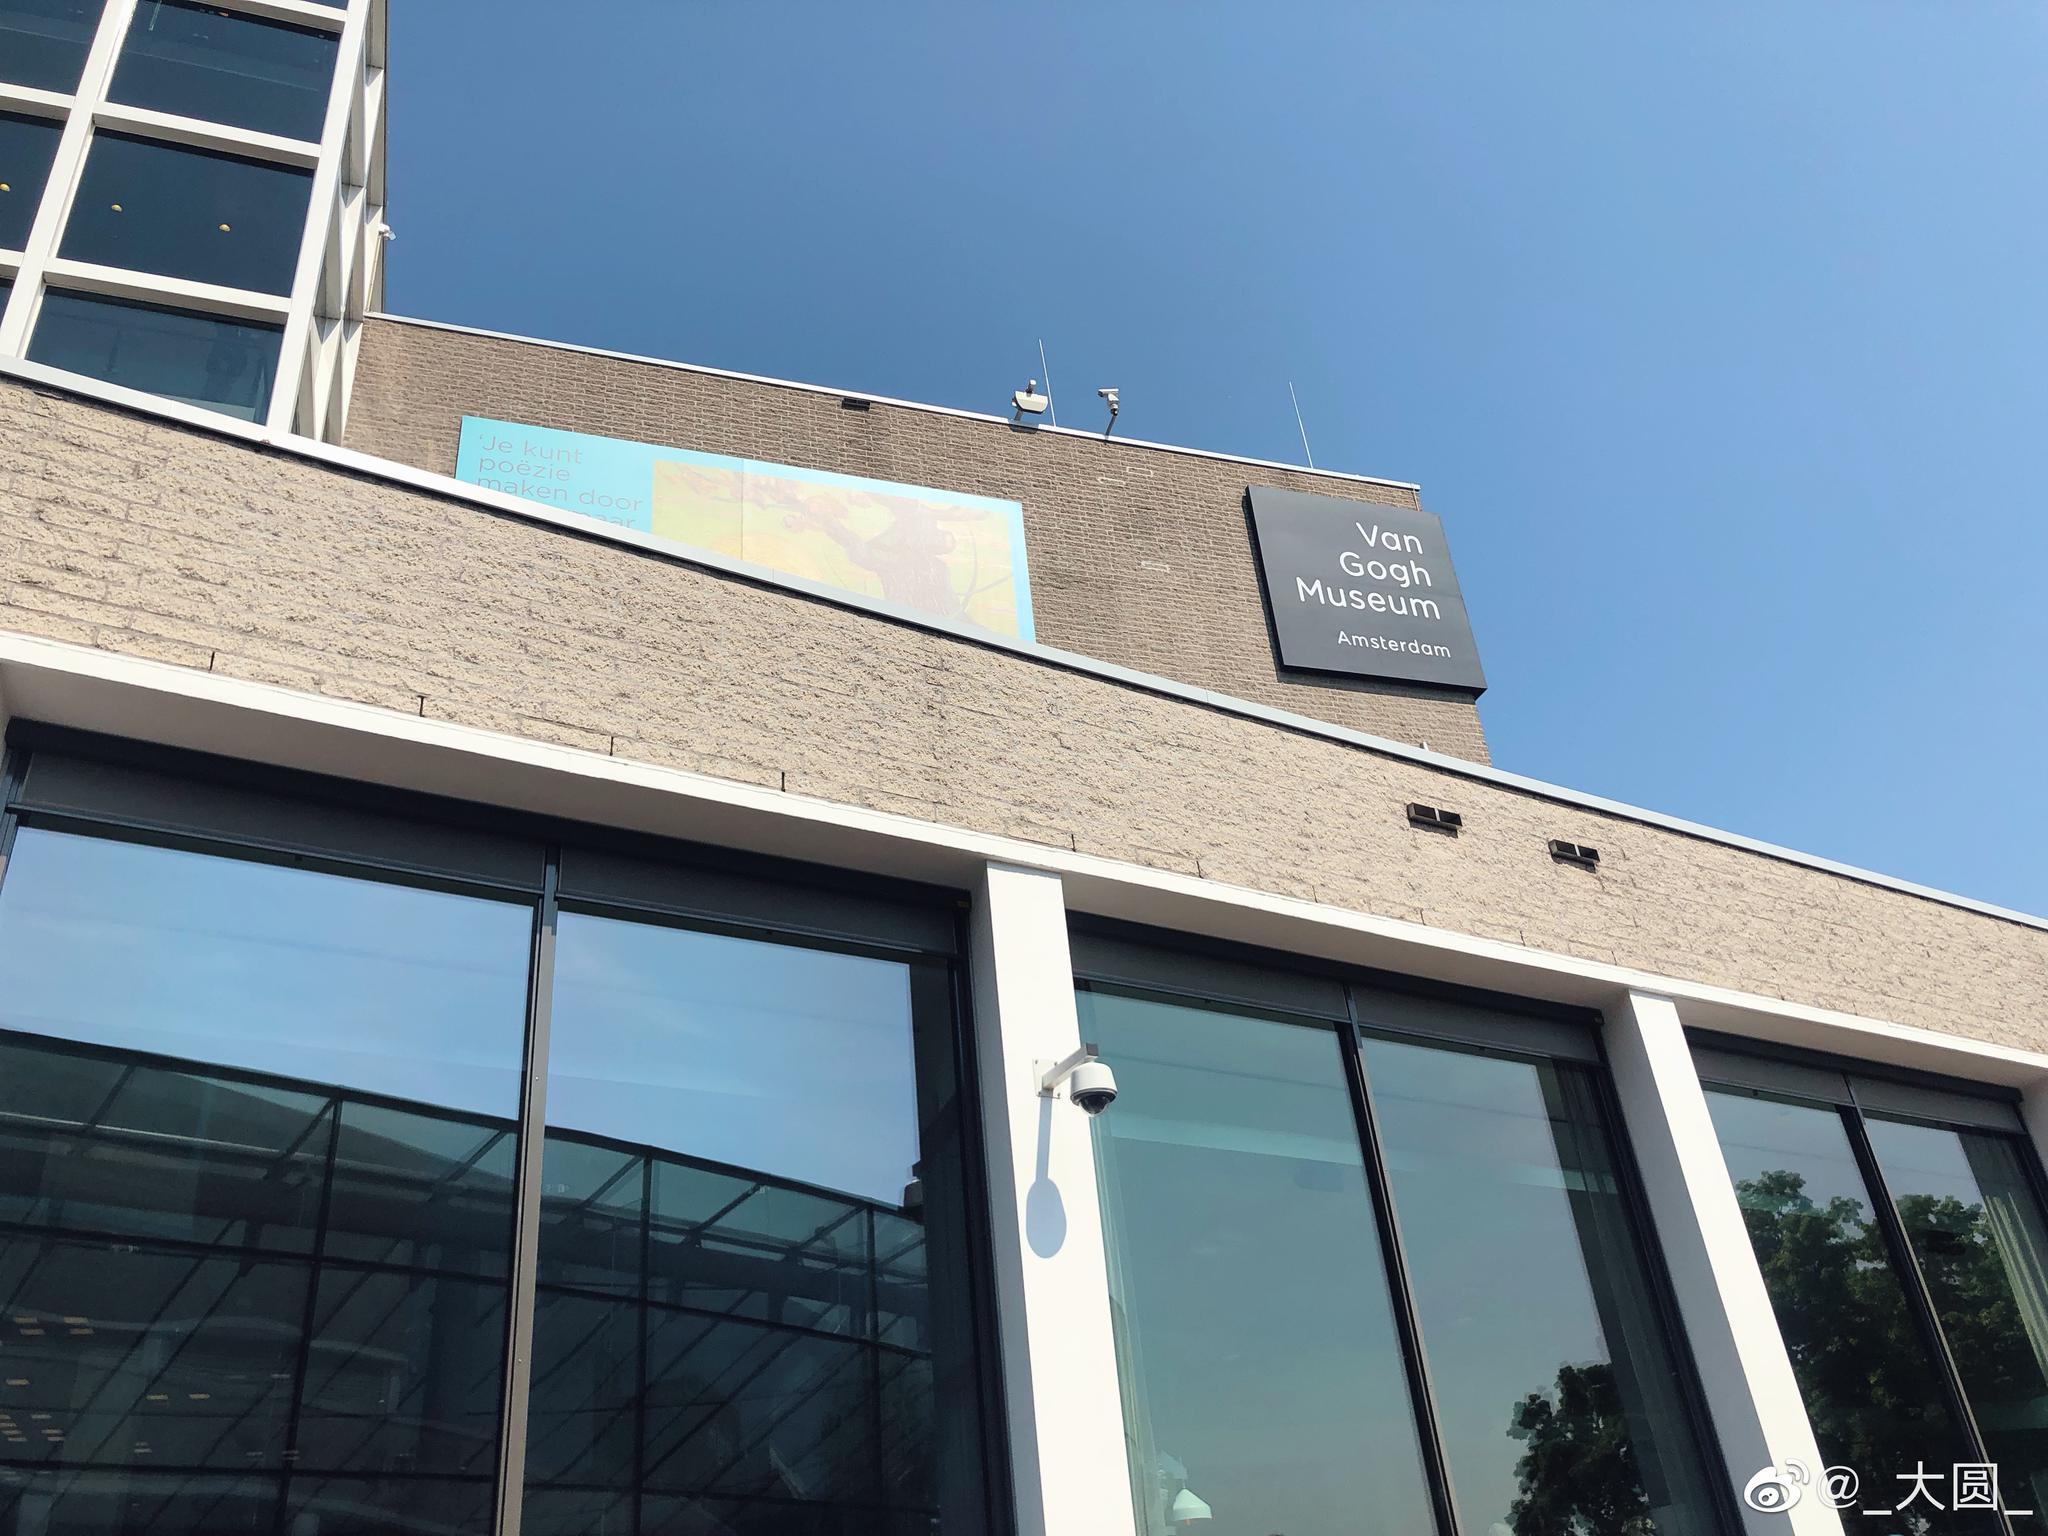 在阿姆斯特丹一定要去梵高博物馆